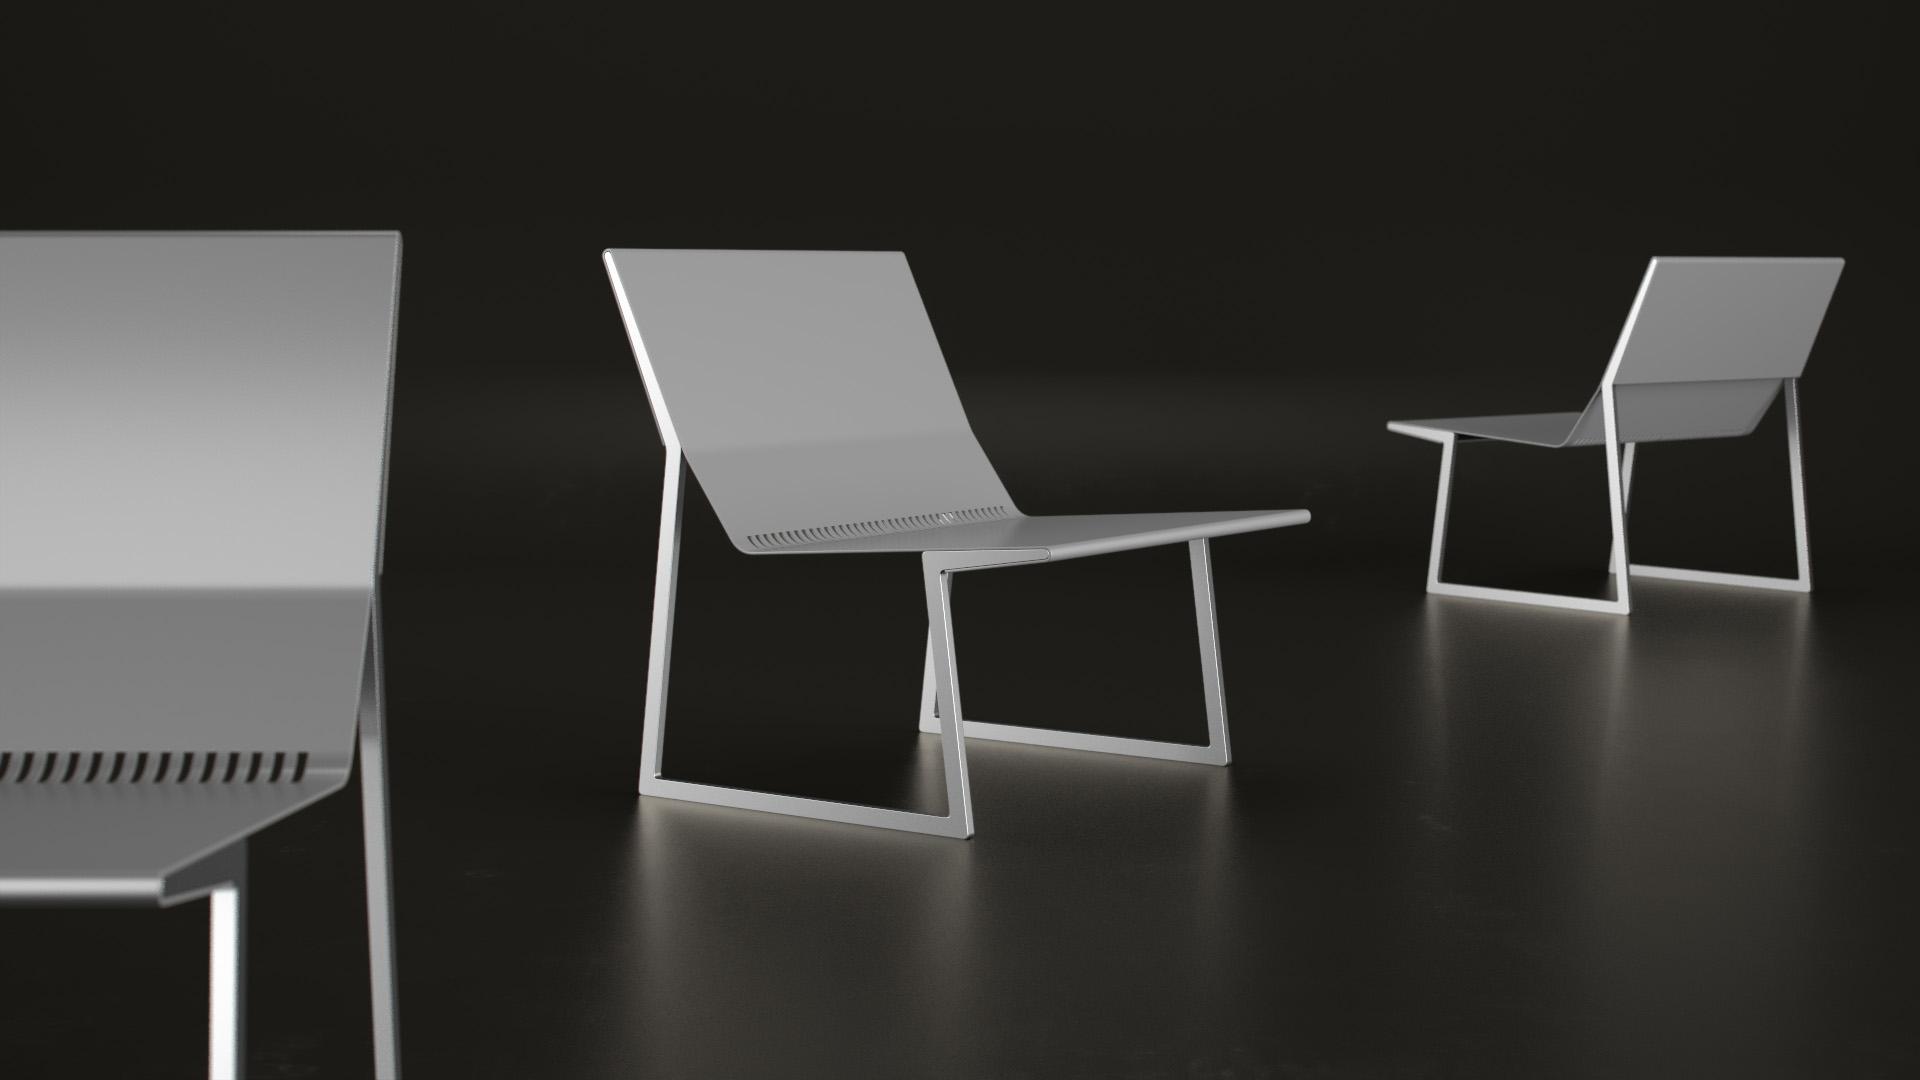 Tribu_Bird_Chair_BlackSet_01_V1.01_0005